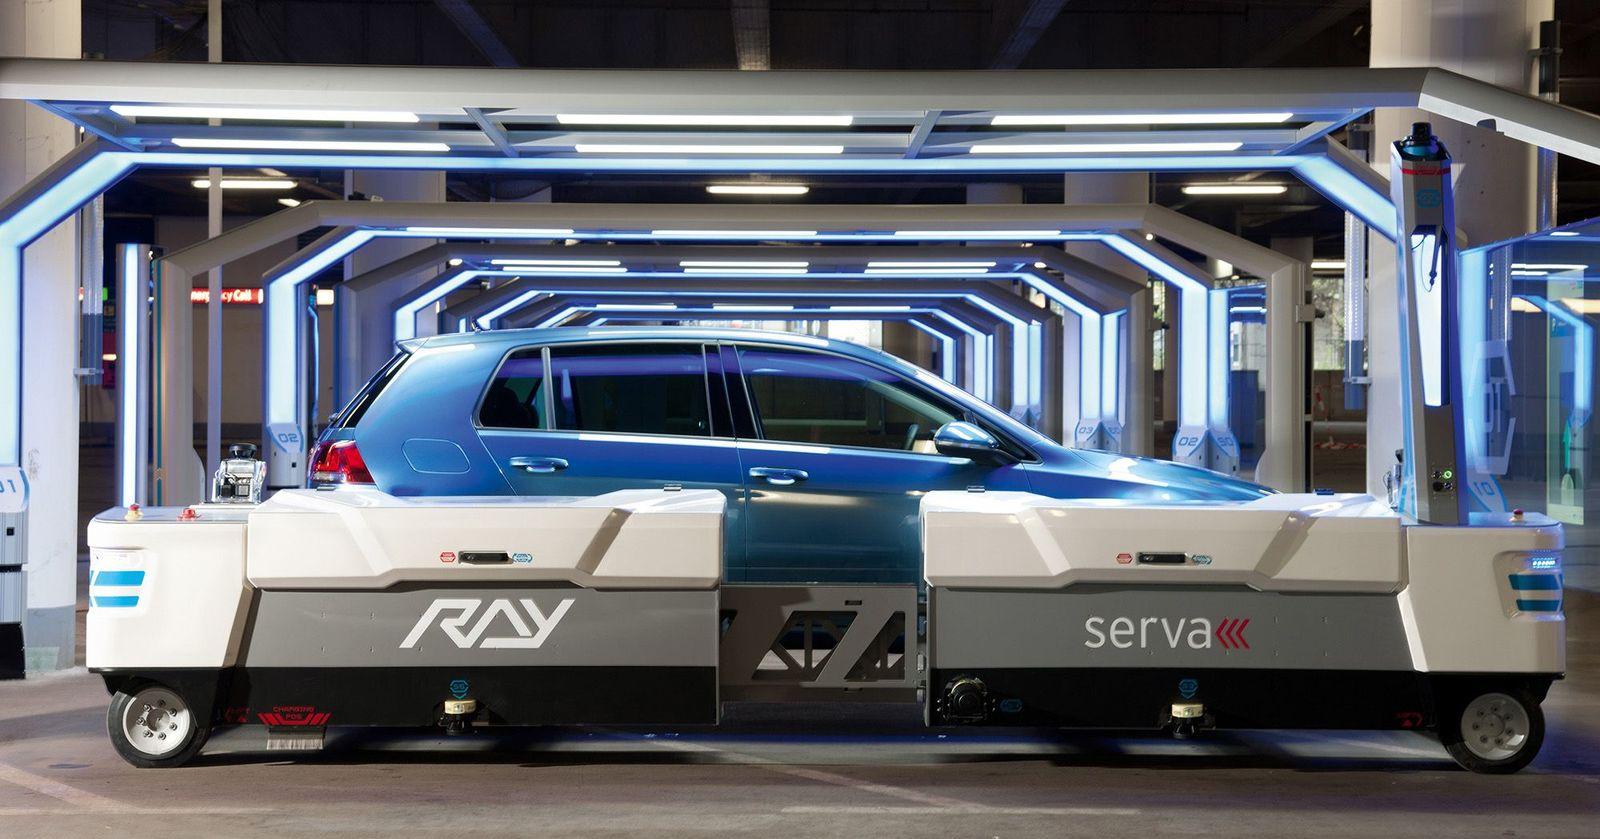 EINMALIGE VERWENDUNG Parkroboter Ray / Flughafen Düsseldorf